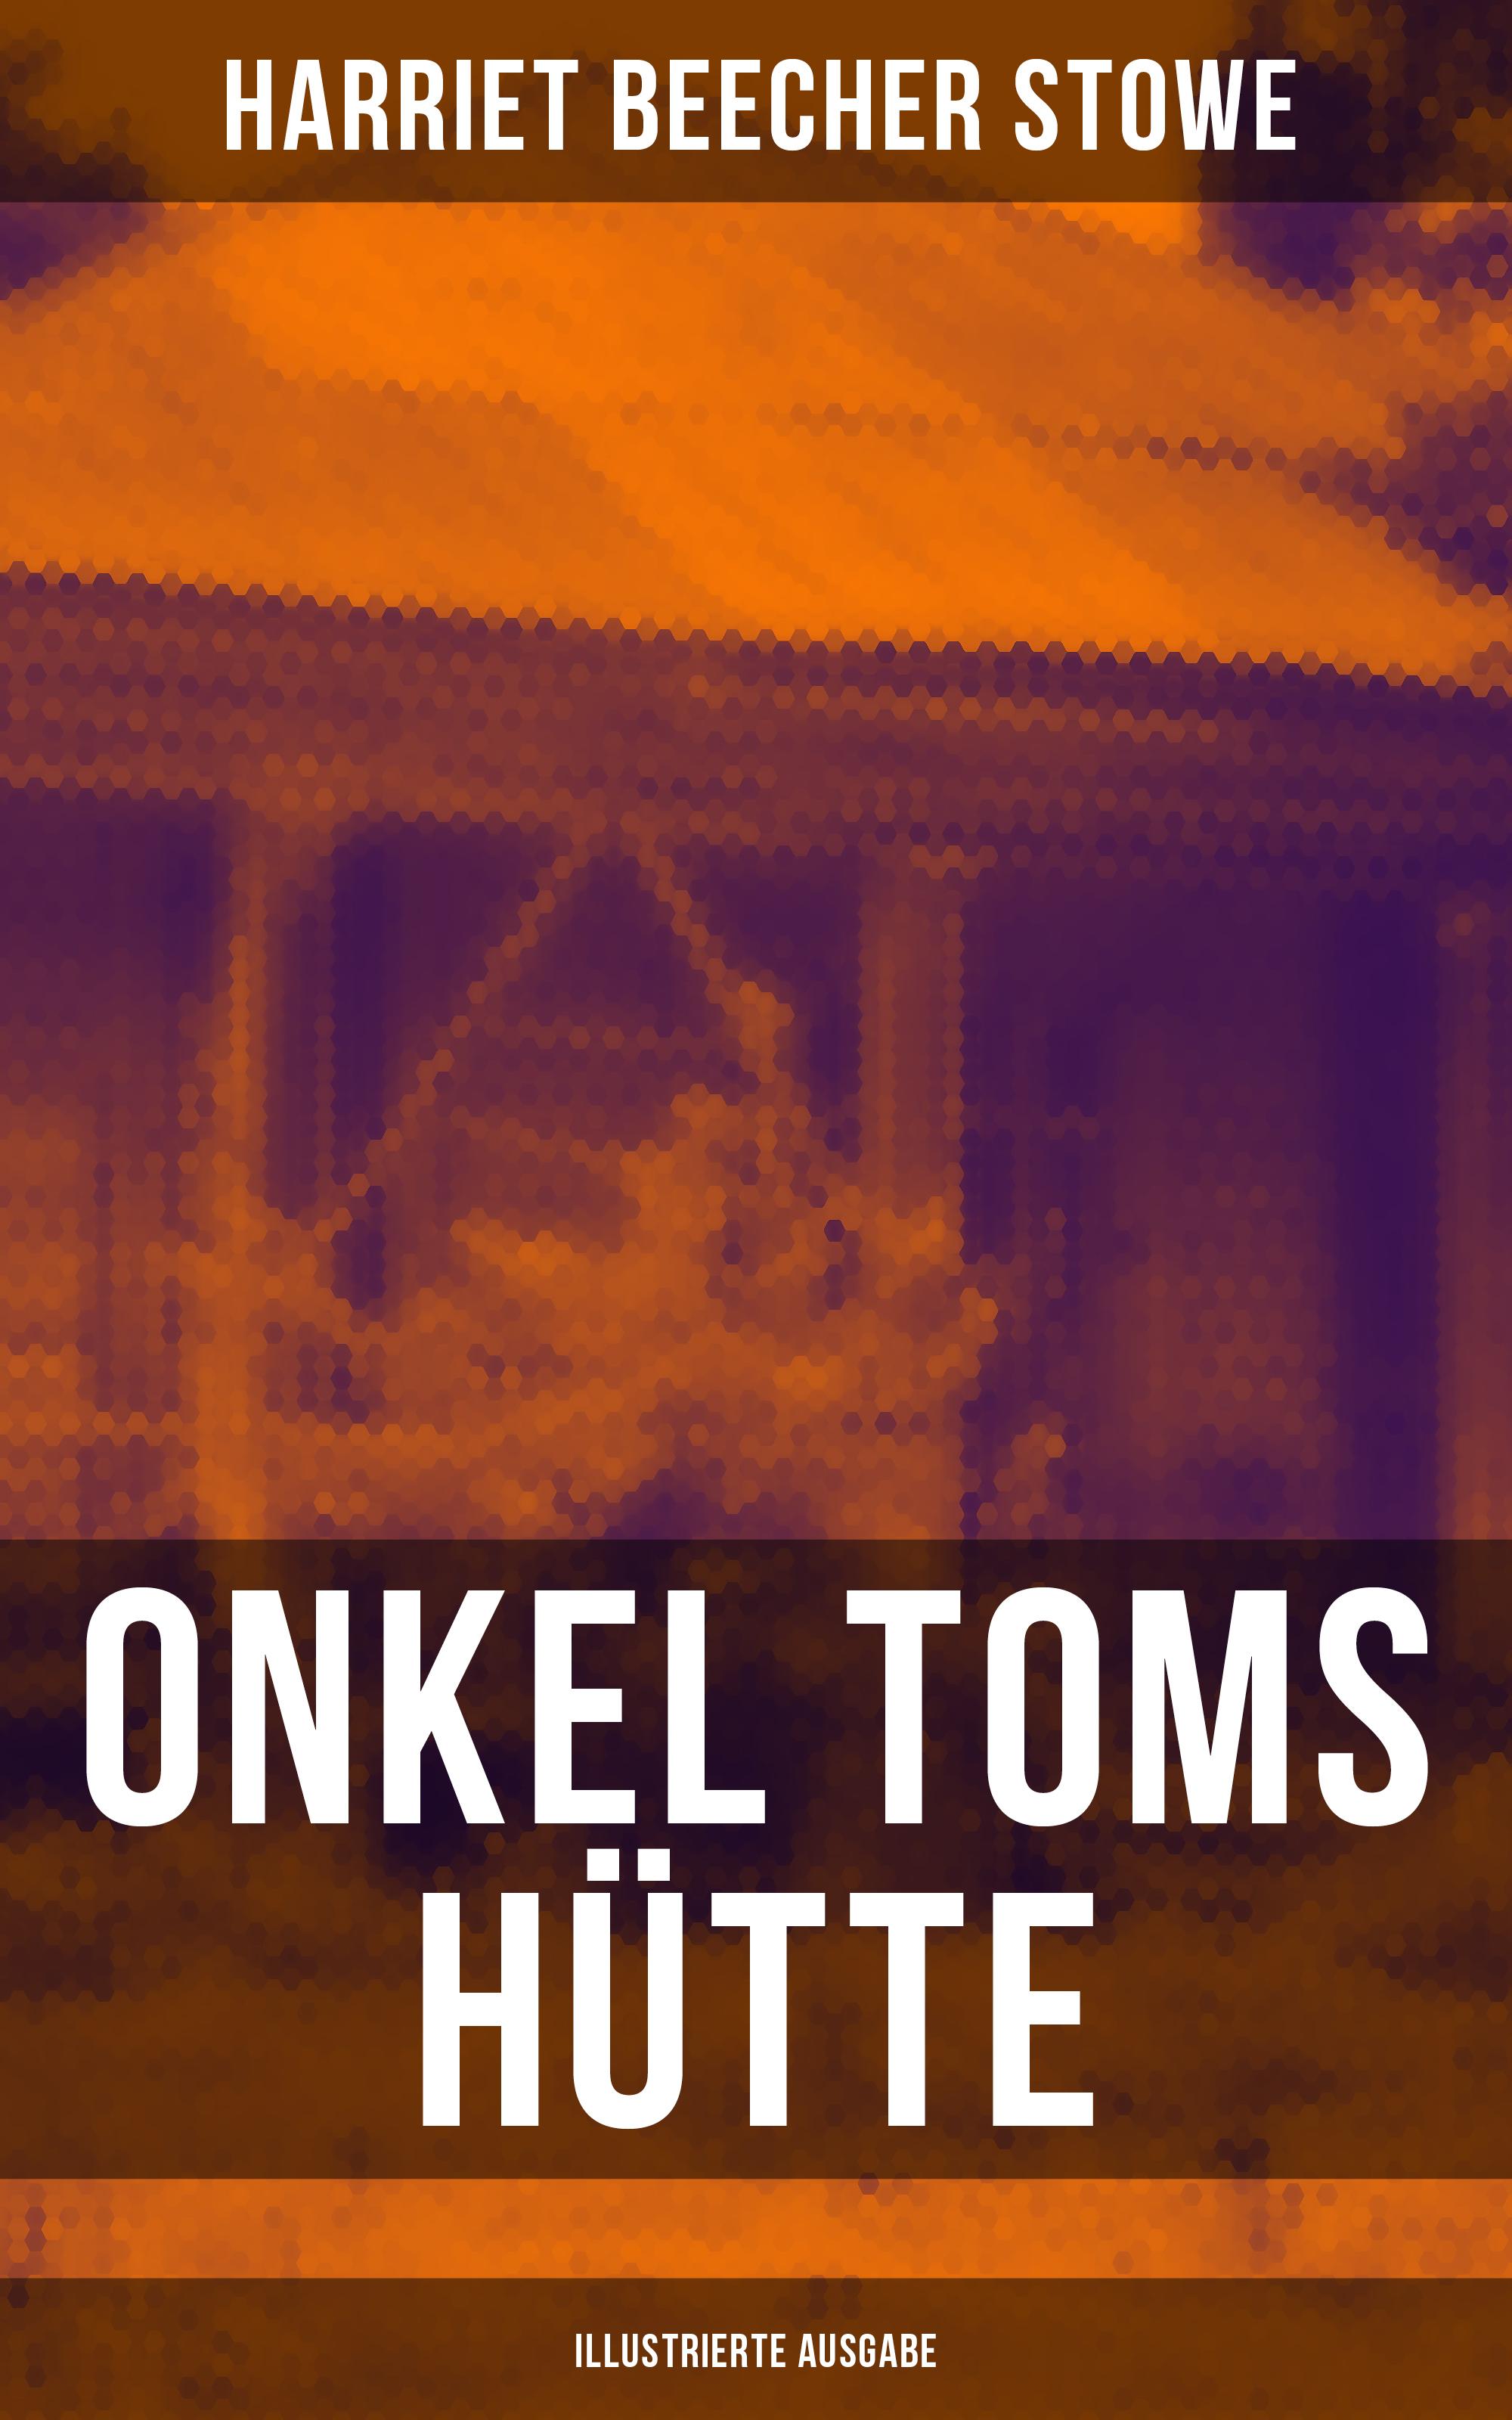 onkel toms hutte illustrierte ausgabe